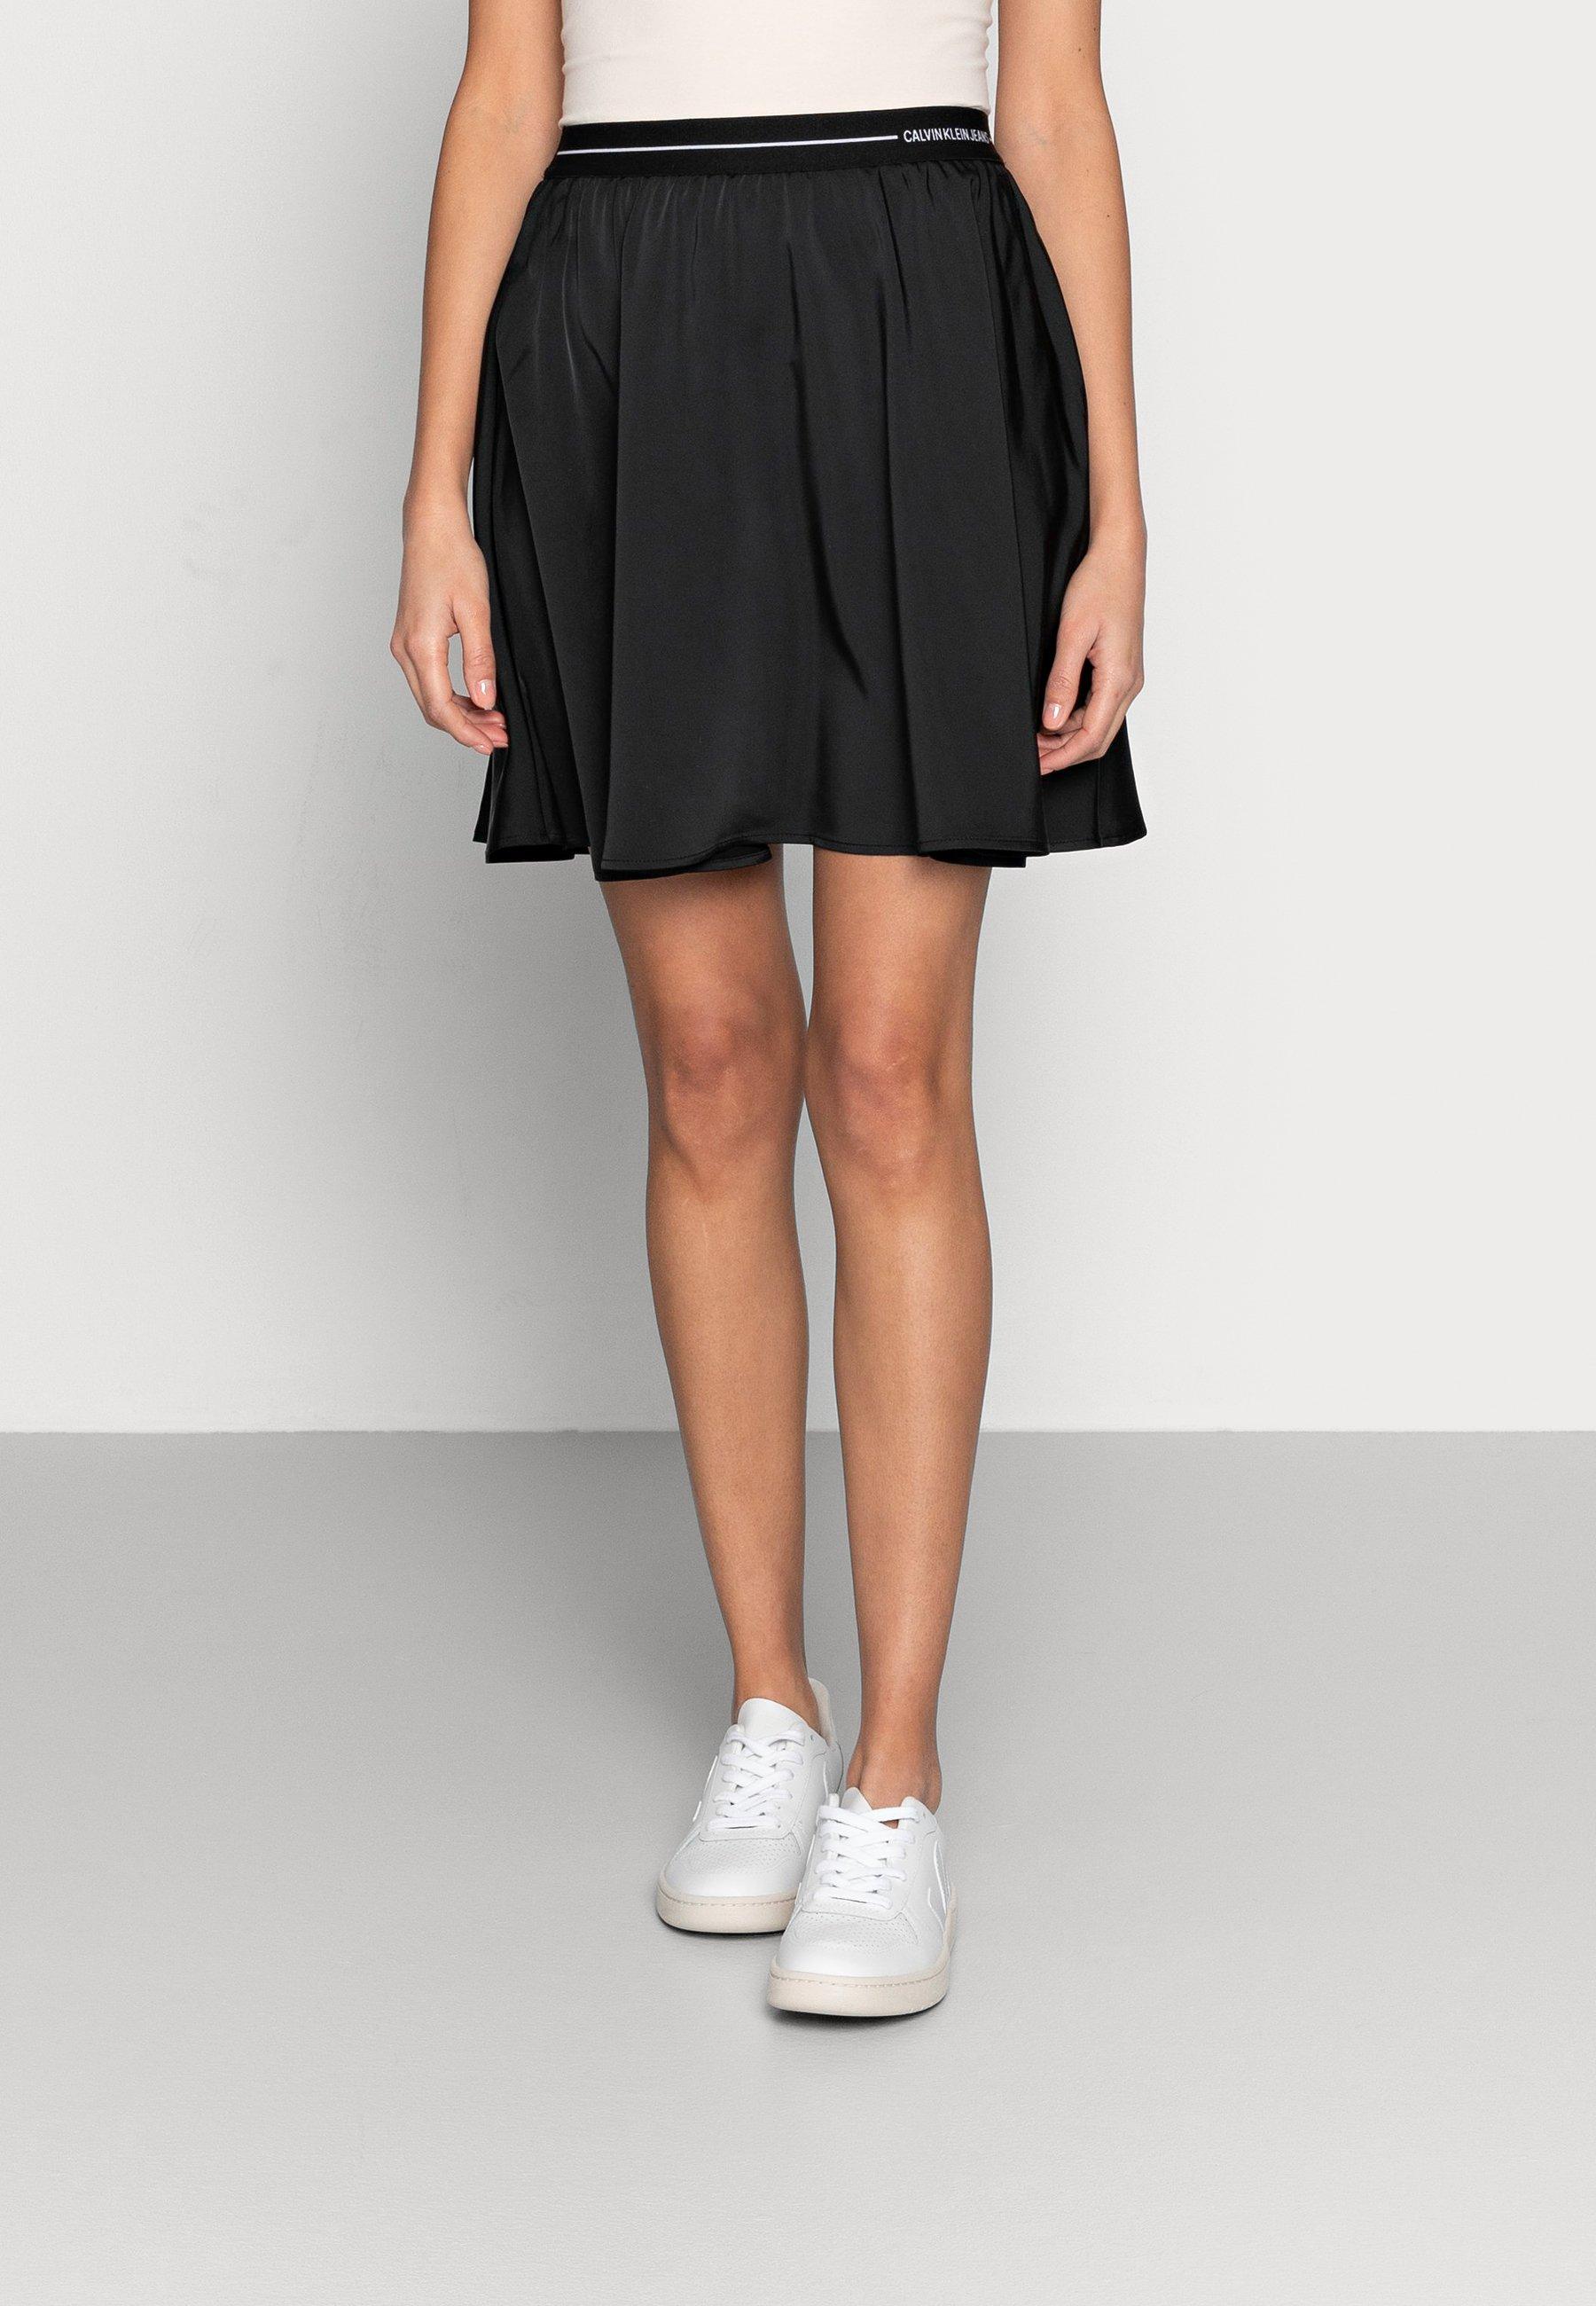 Femme LOGO ELASTIC SKIRT - Minijupe